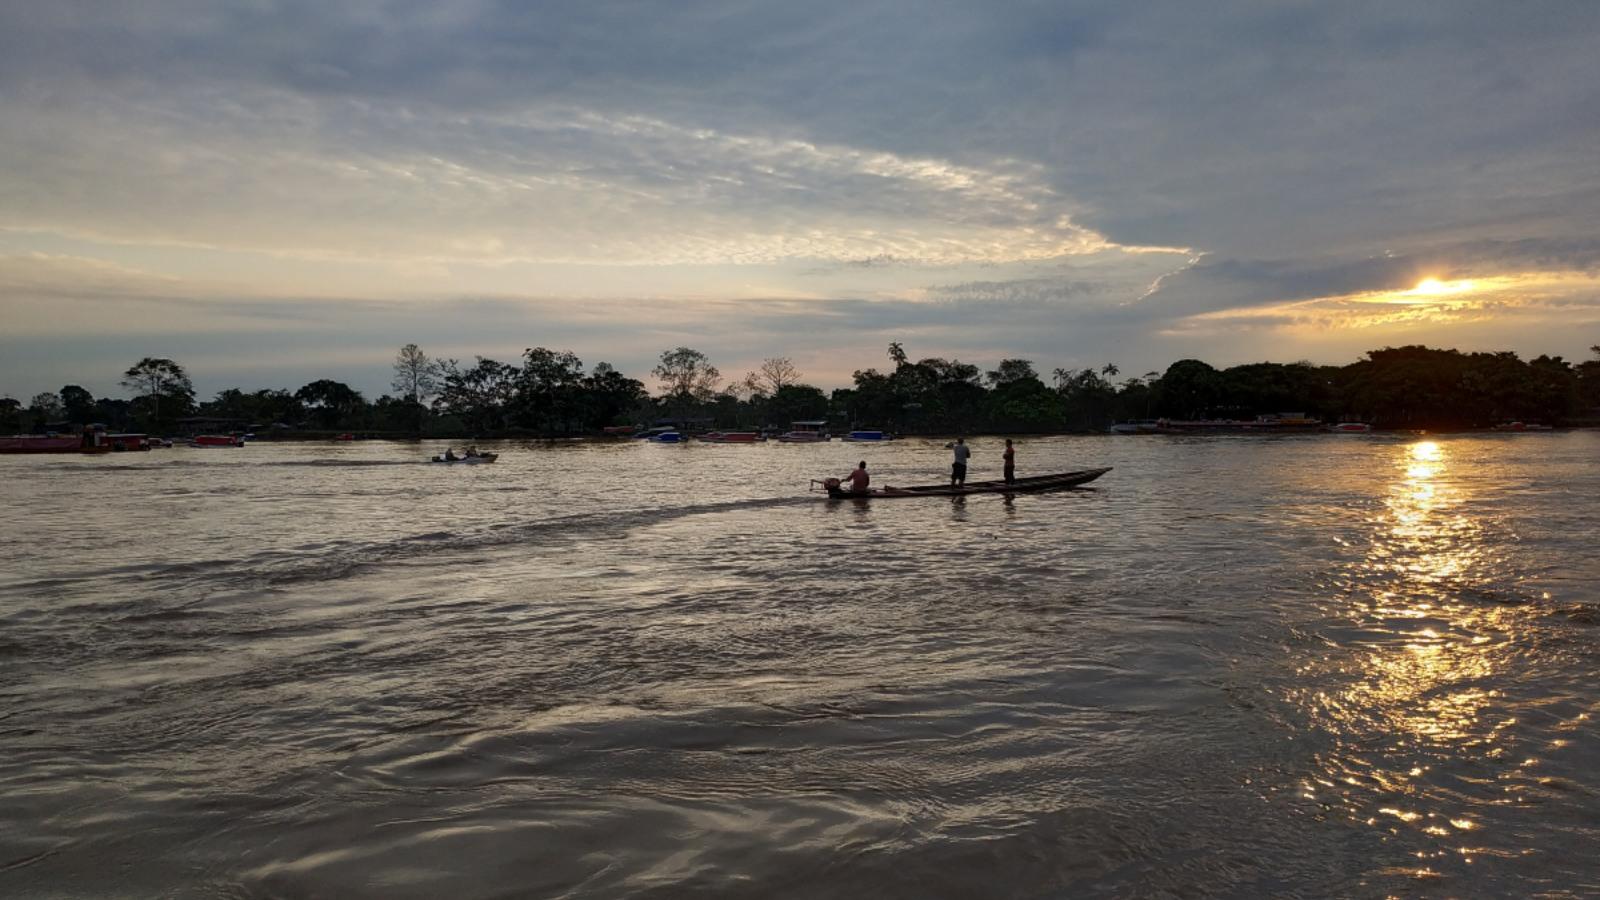 ESPECIAL: En las entrañas del Bajo Caguán, epicentro del conflicto gobernado por el olvido